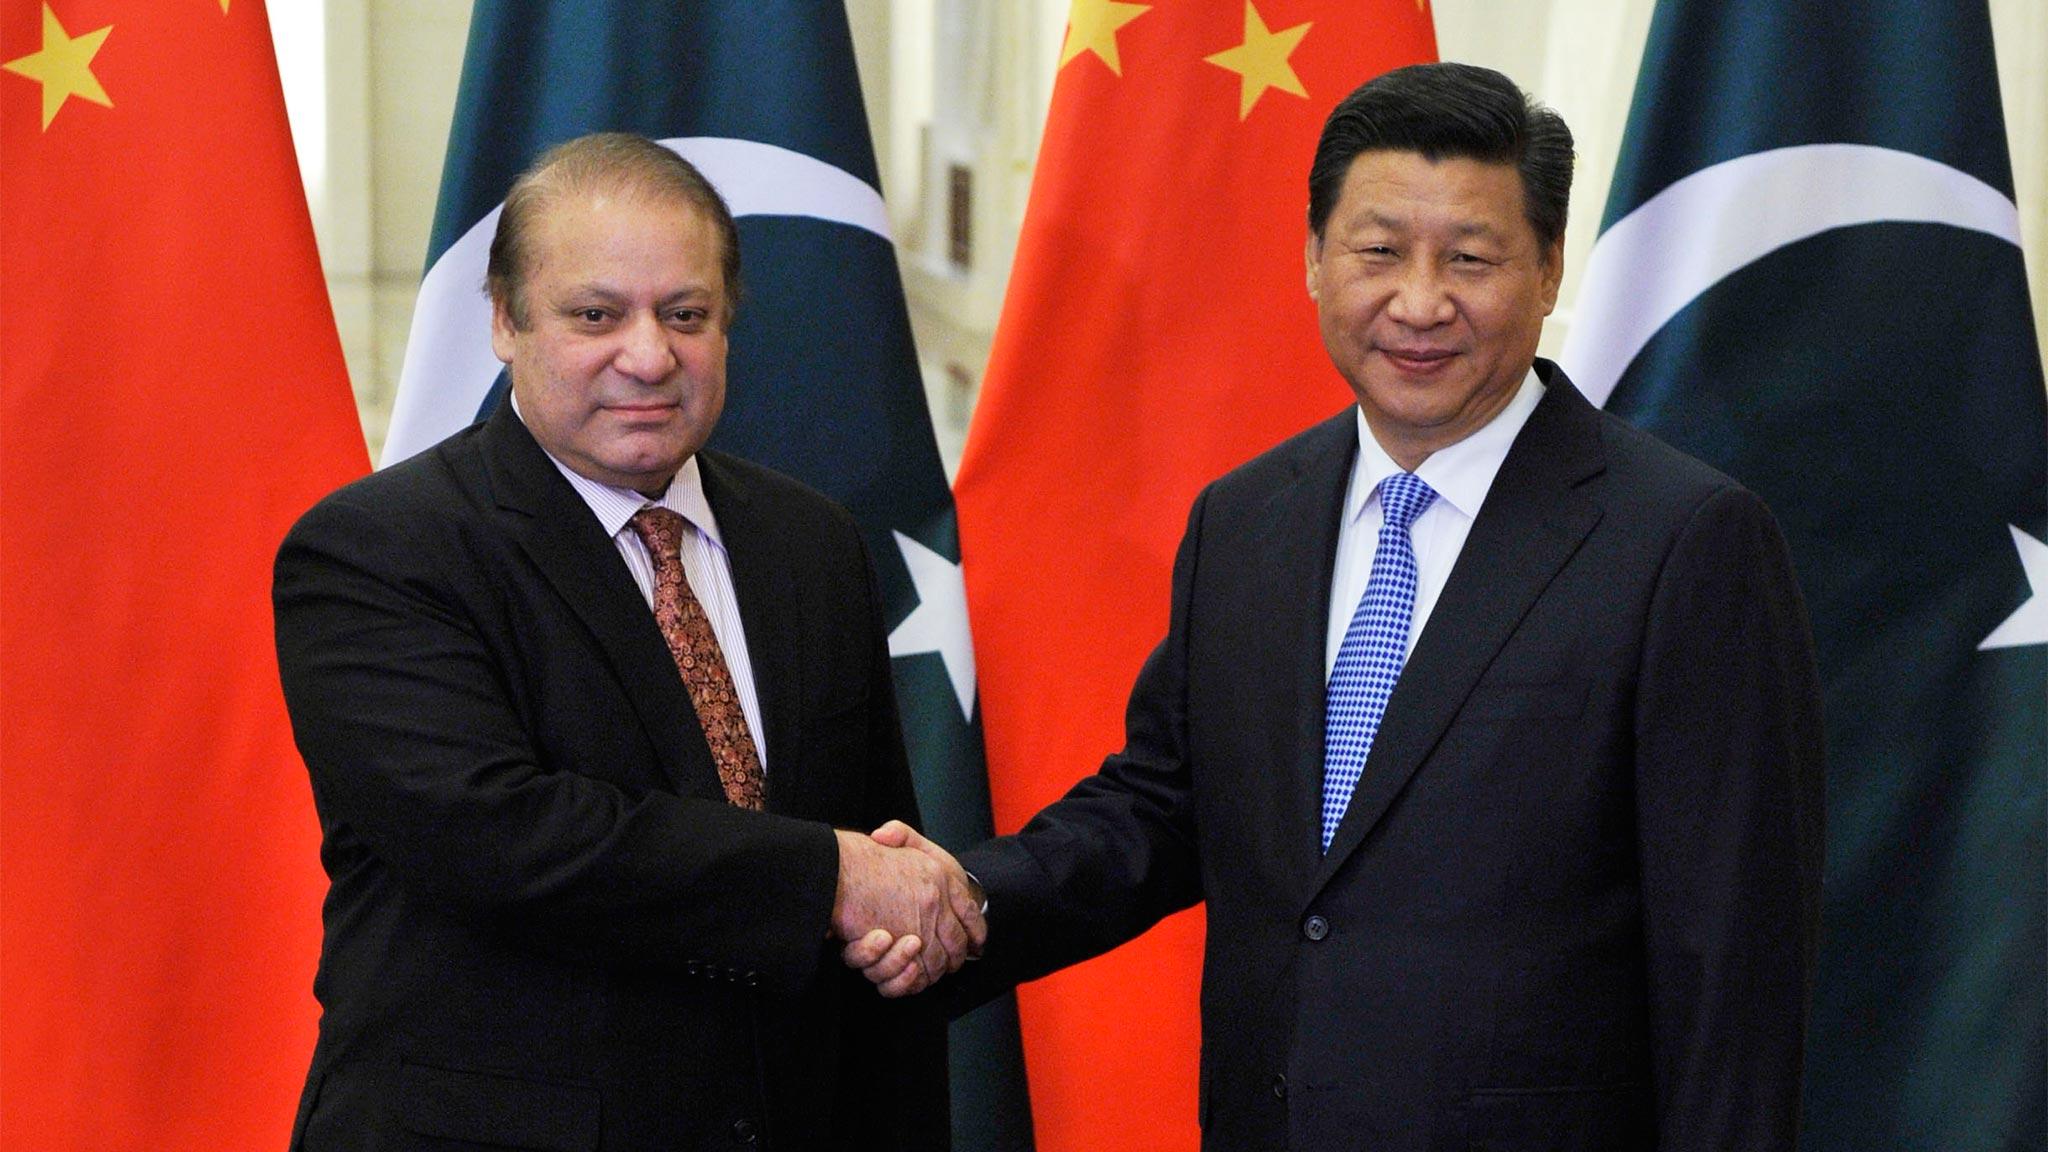 पाकिस्तान-चीन के हालिया कपट भरे गठजोड़ का असर